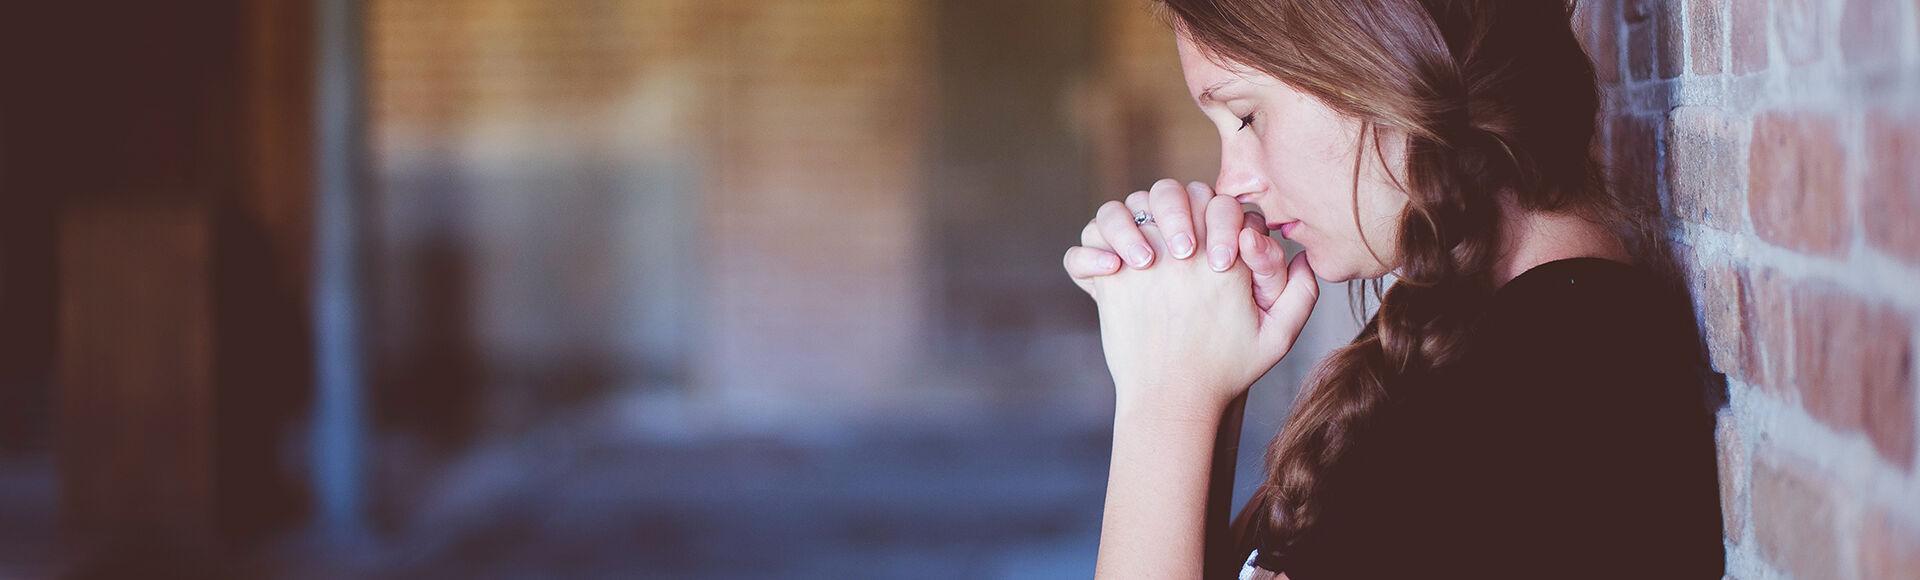 Consecuencias del estrés en el embarazo